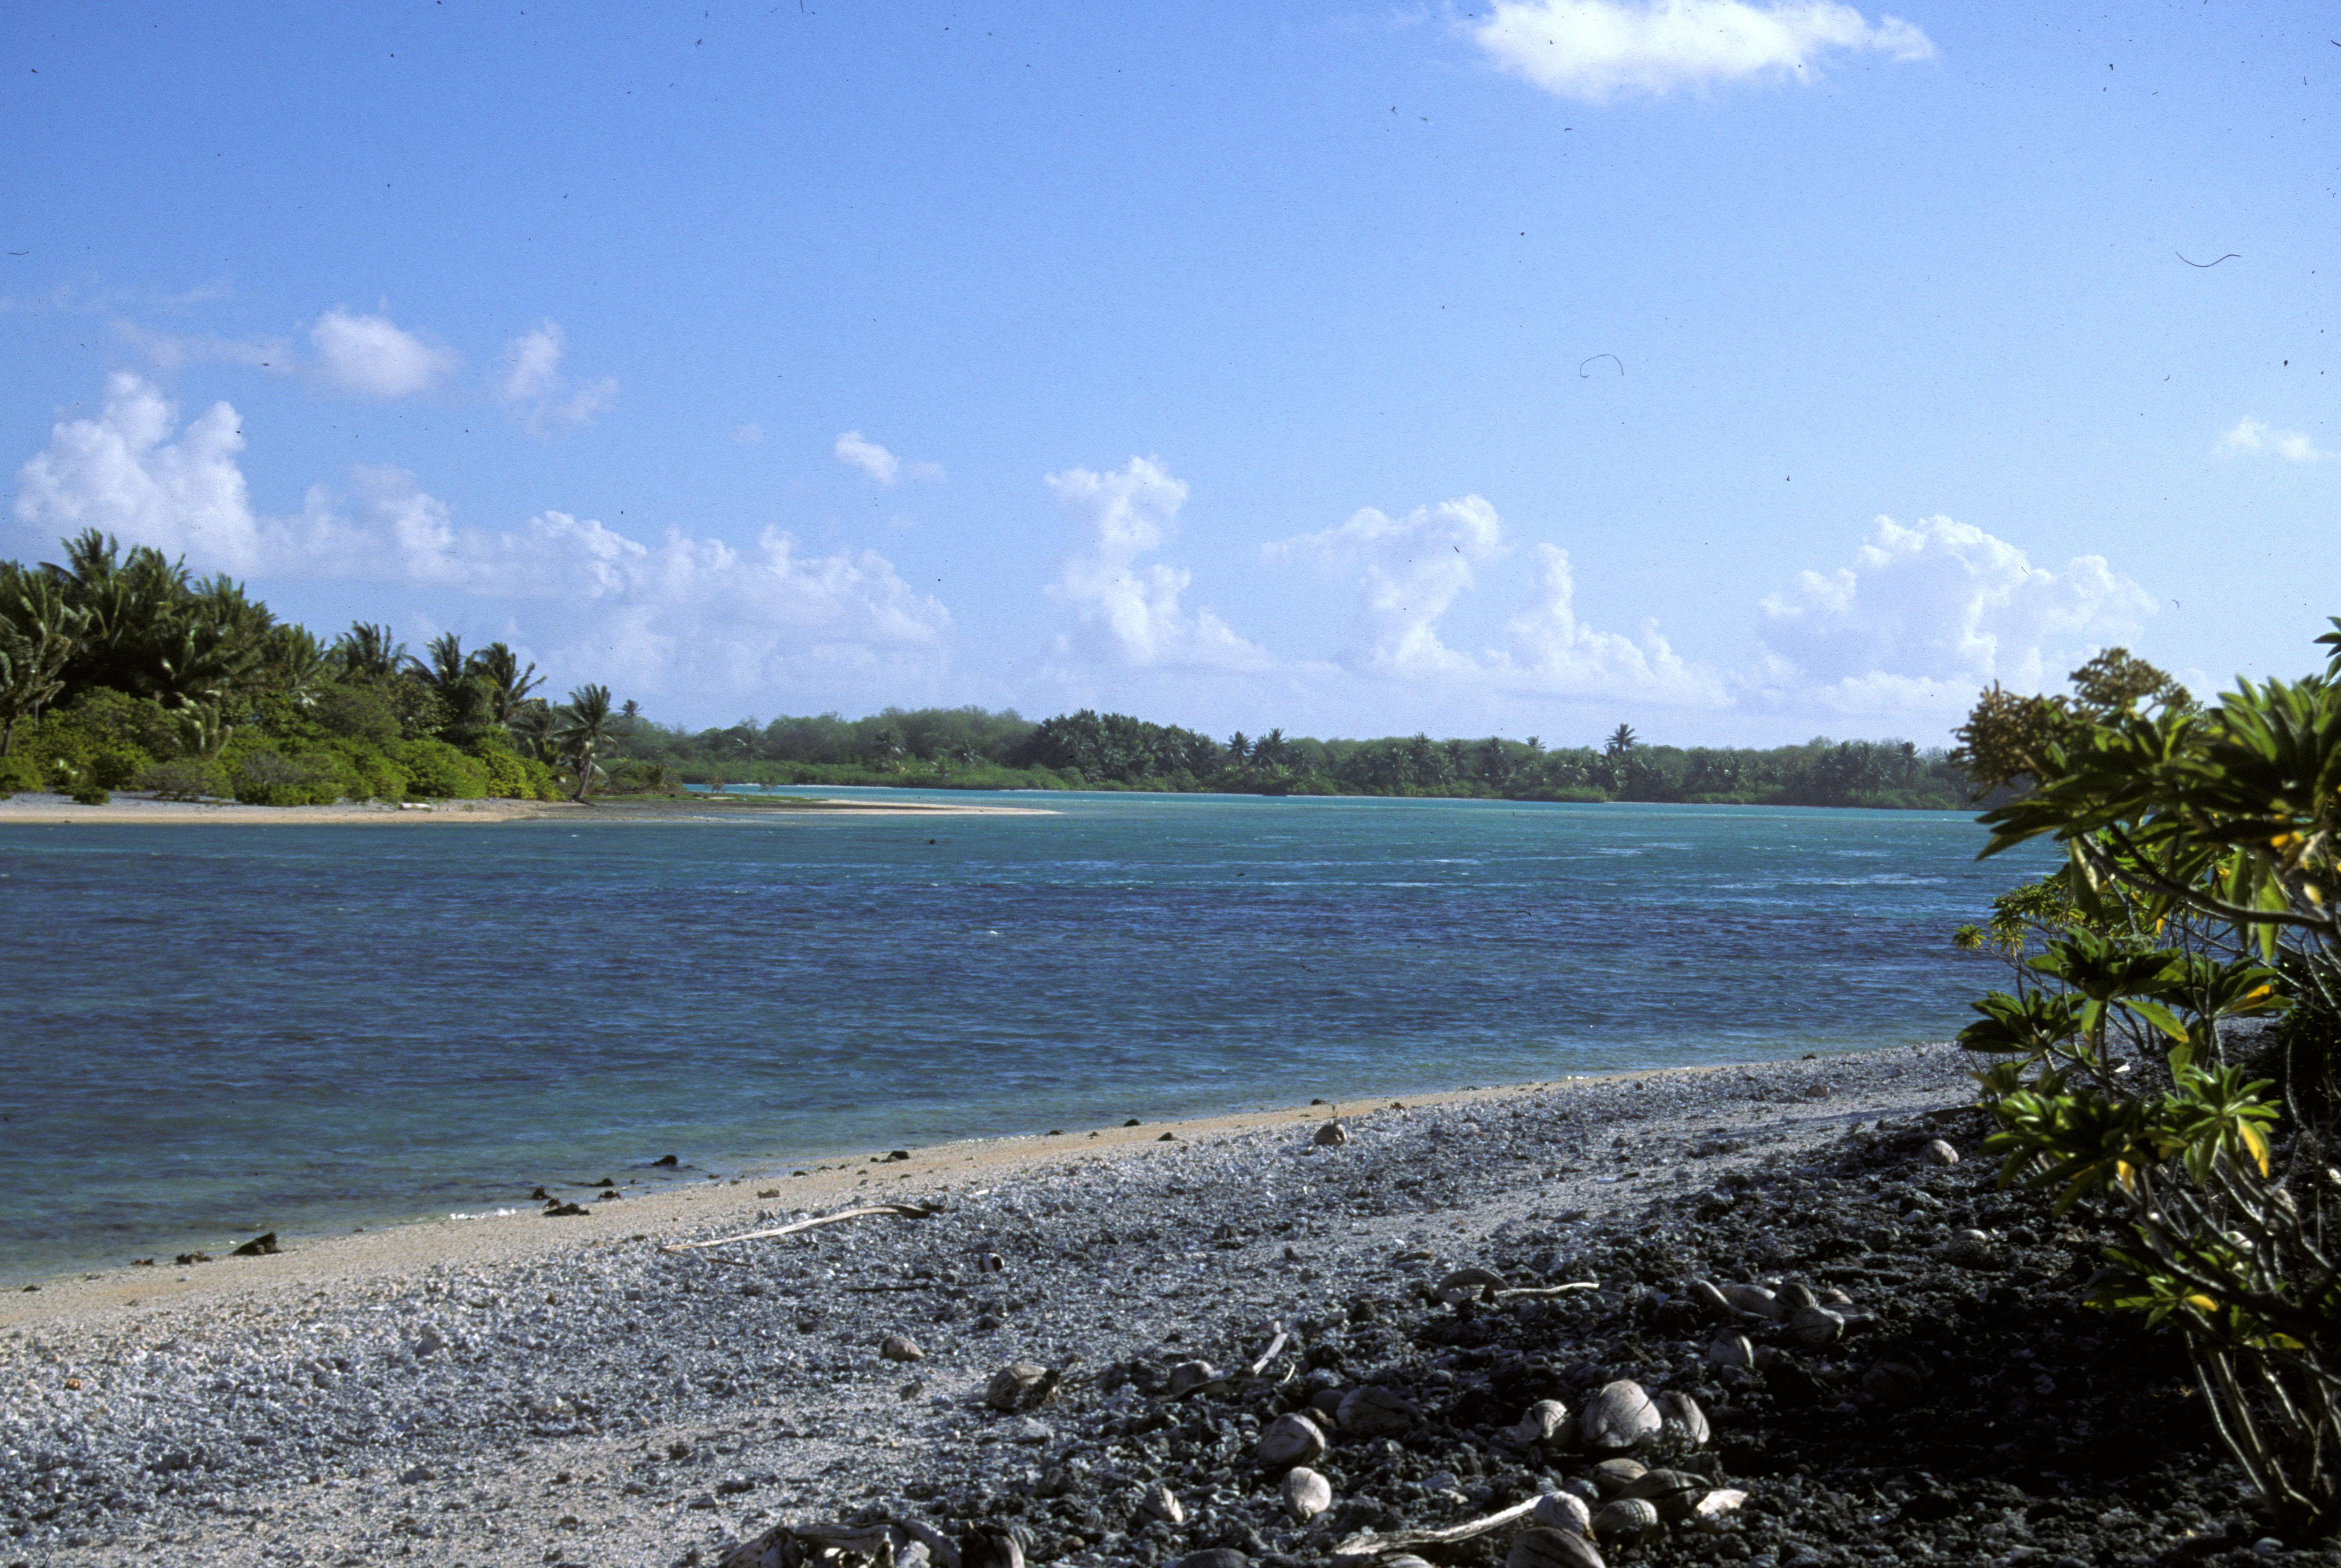 Island Of Kiribati In The South Pacific